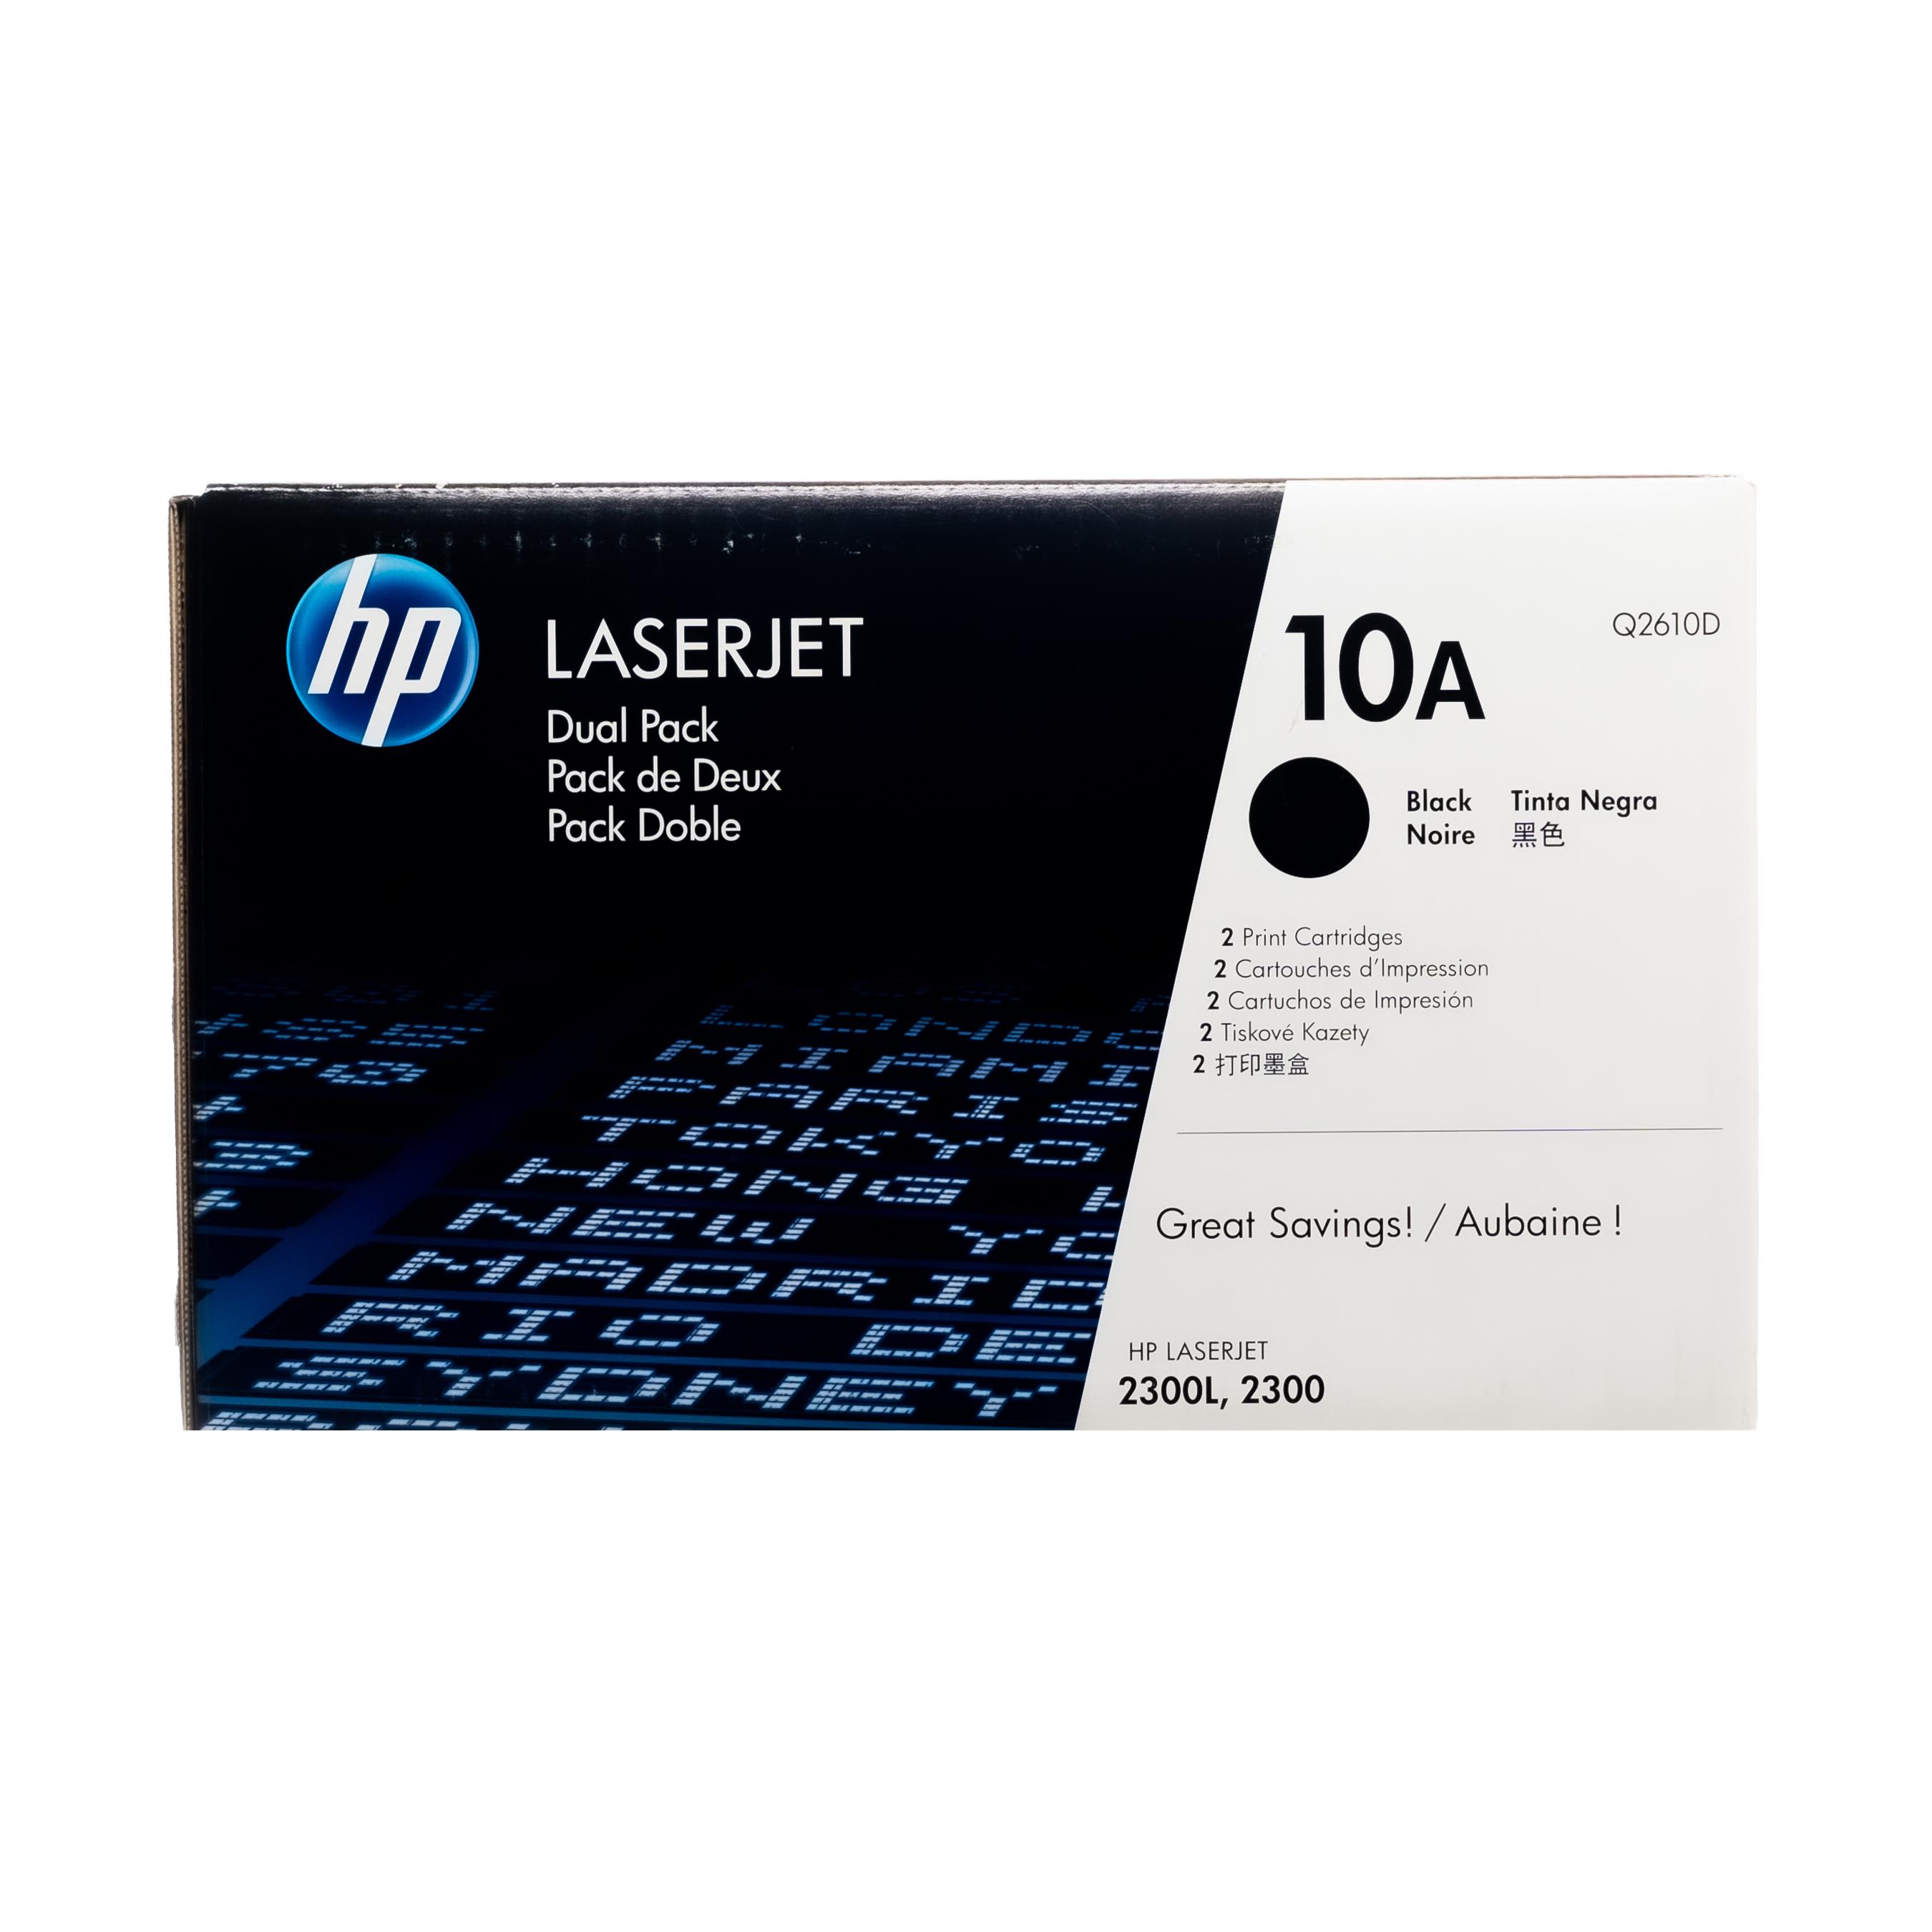 Q2610D | HP 10A | Original HP Dual Pack Toner Cartridges – Black